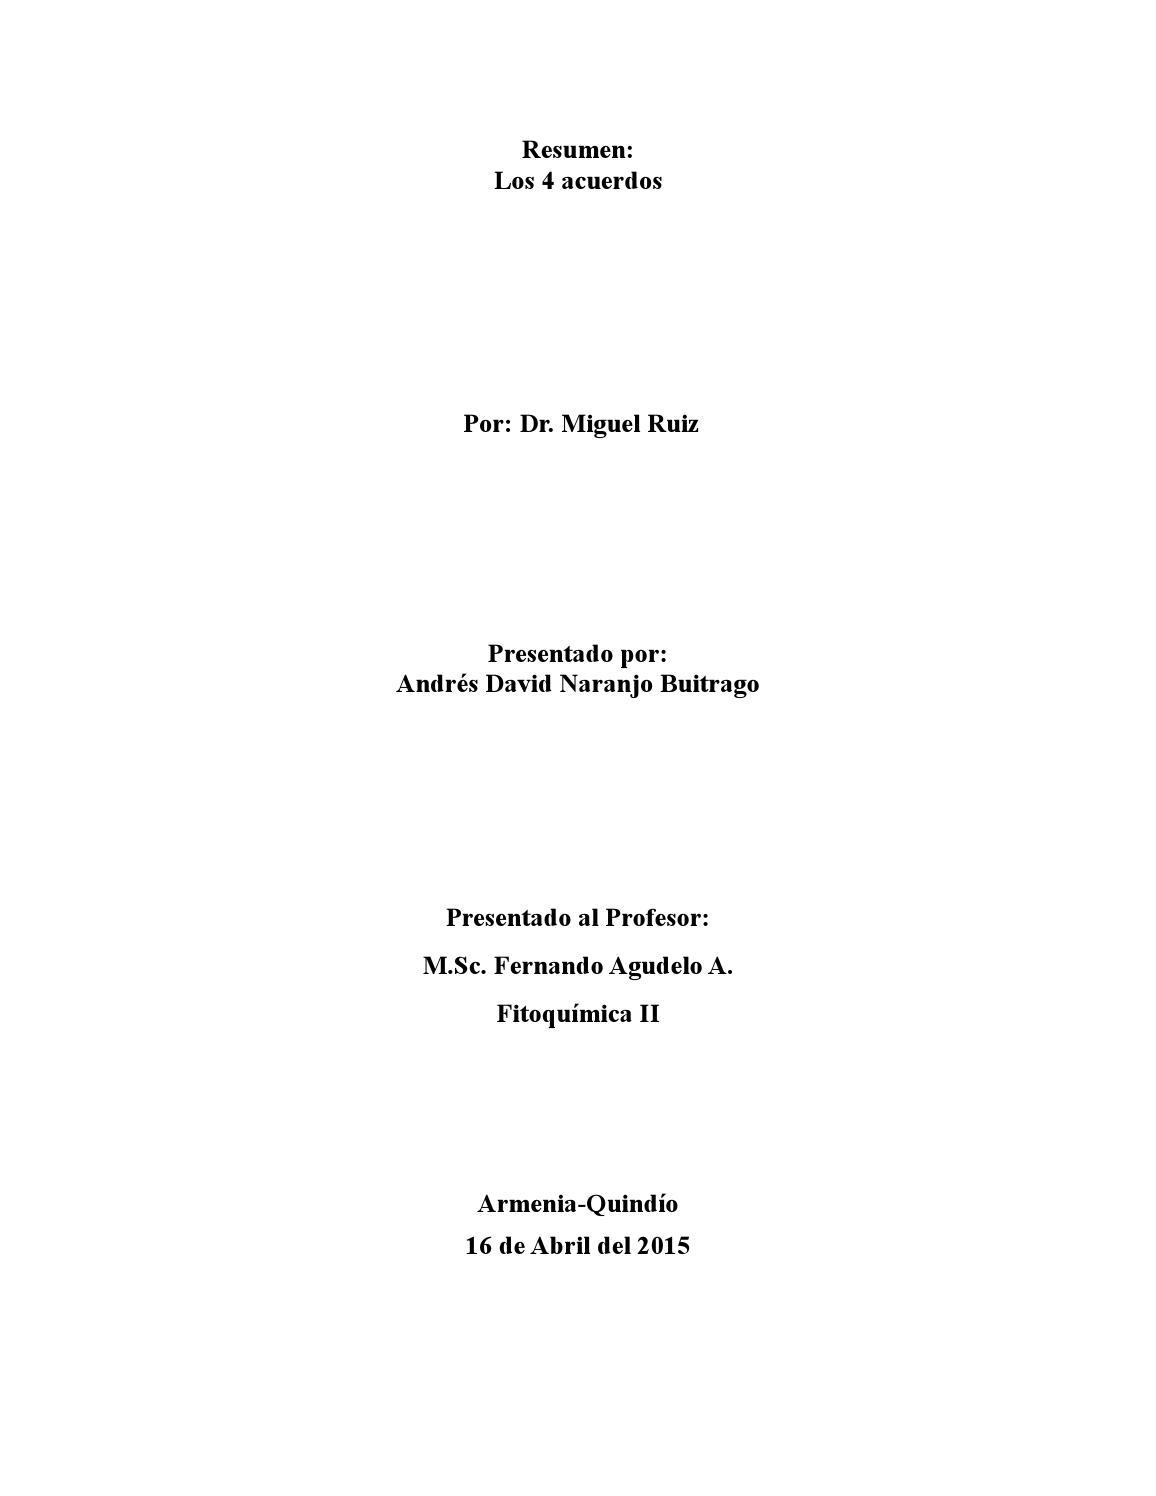 Resumen los cuatro acuerdos by Andres David Naranjo